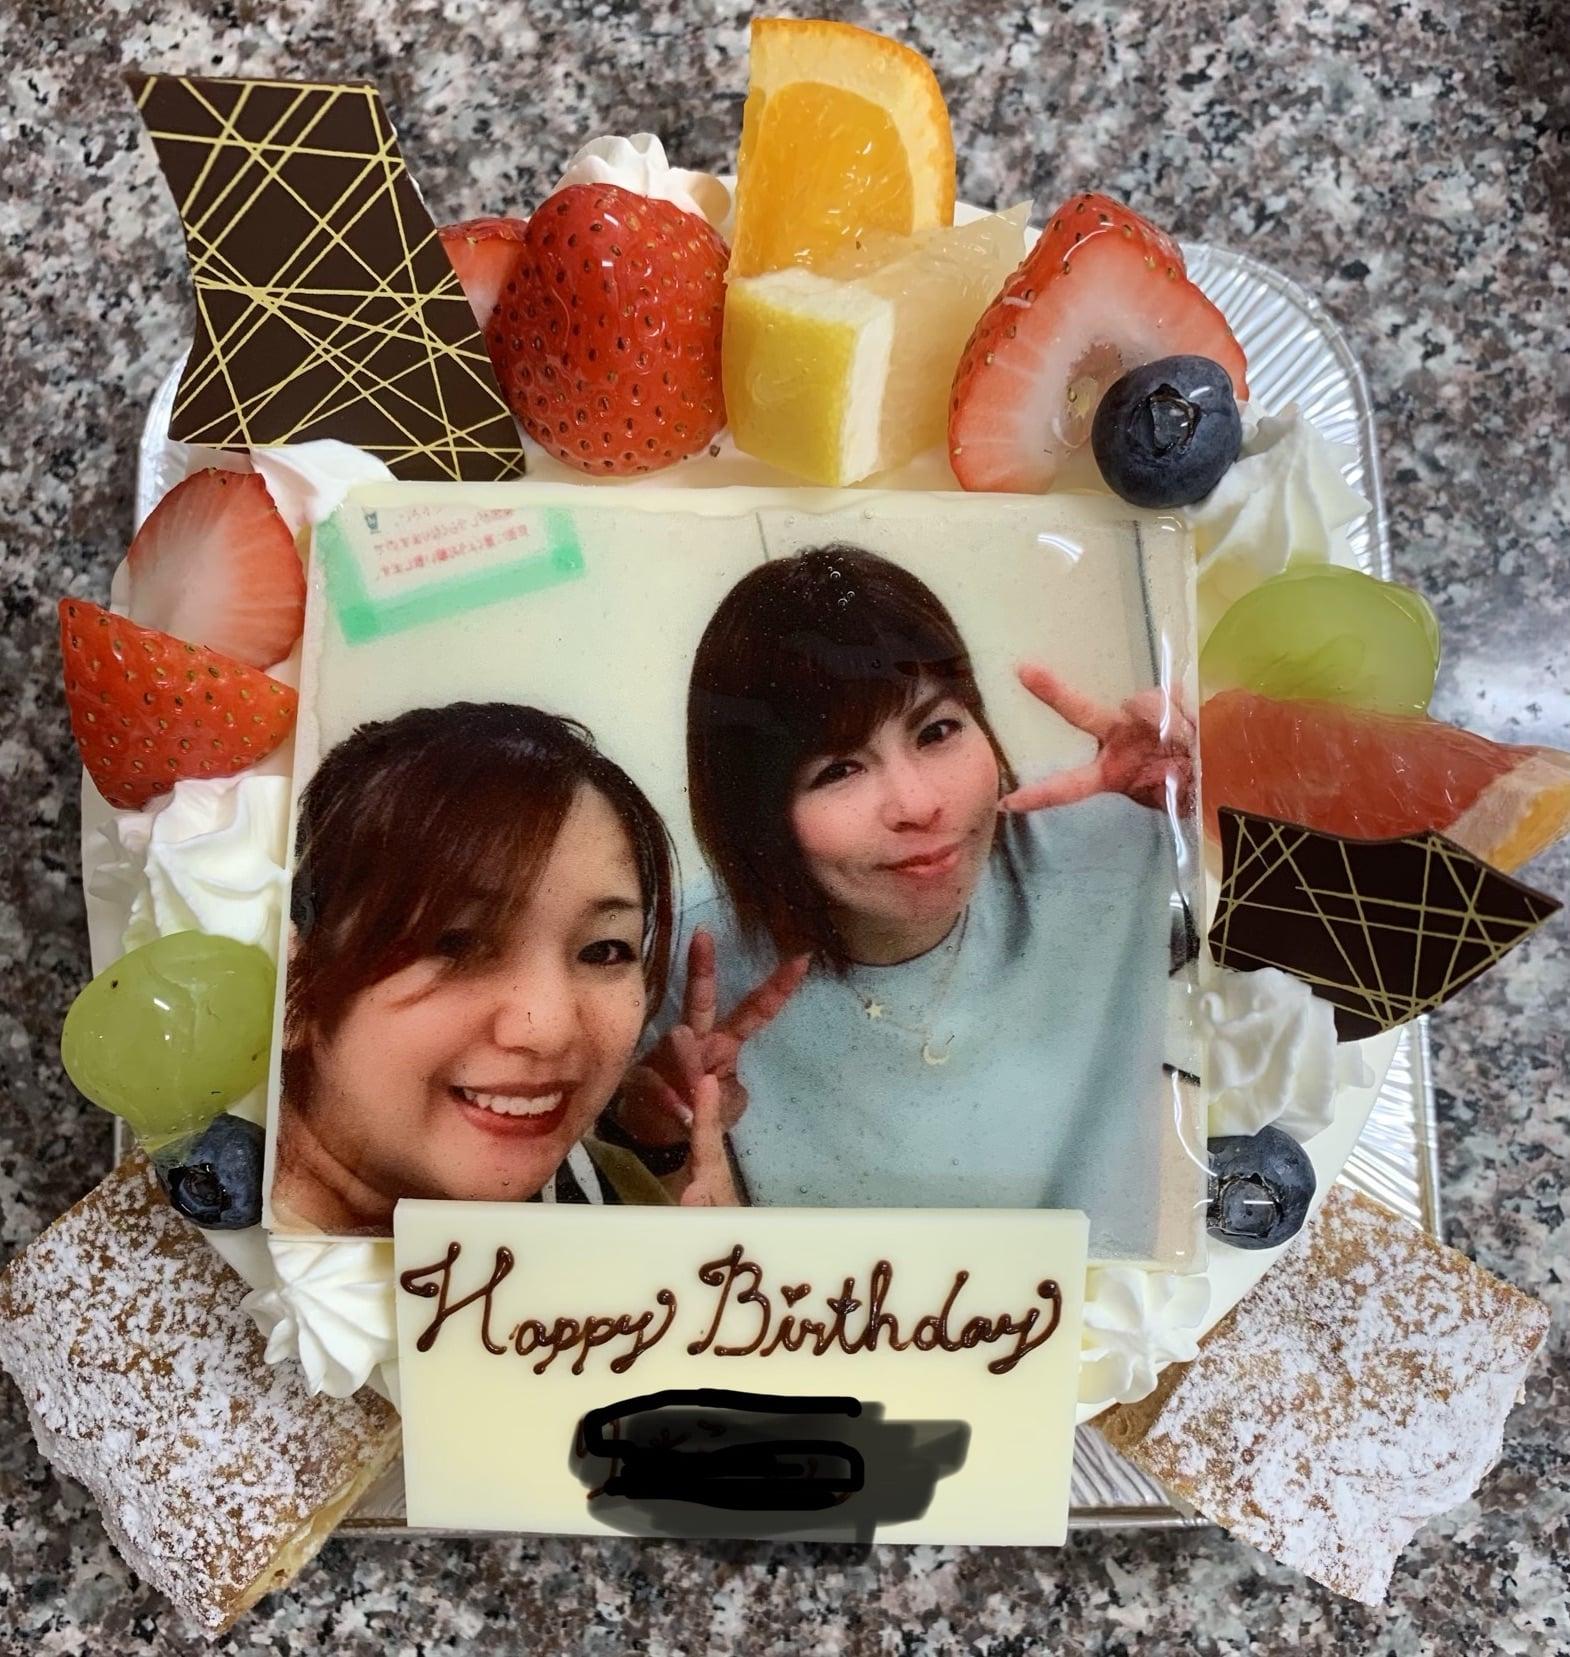 【2日前予約】写真入り誕生日ケーキ生クリーム5号のイメージその1